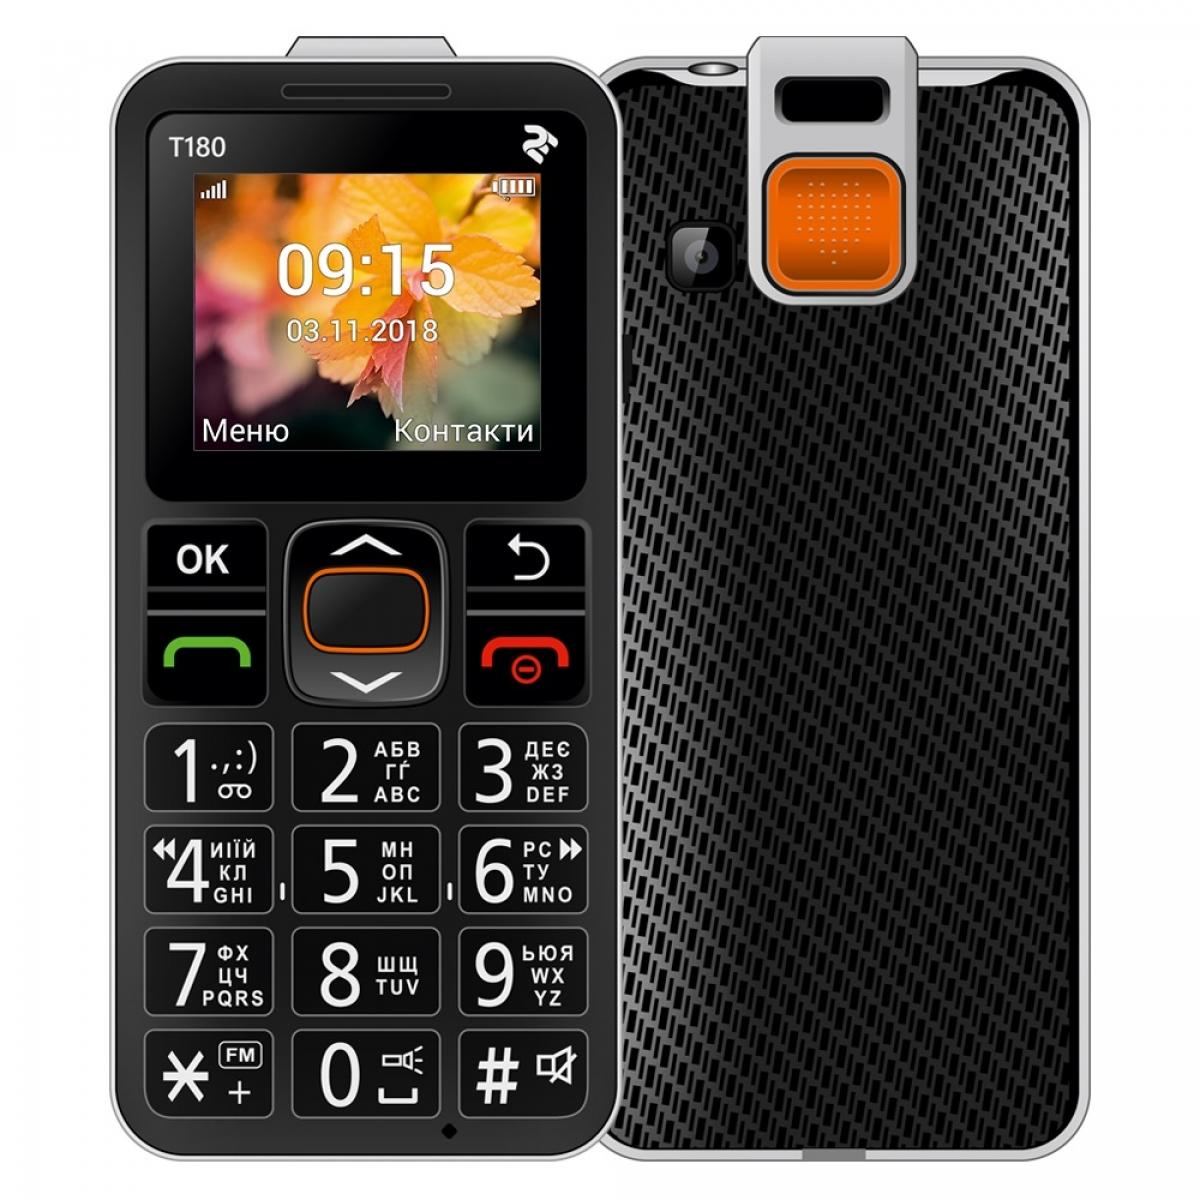 Мобильный телефон TWOE T180 SingleSim Black (708744071125)